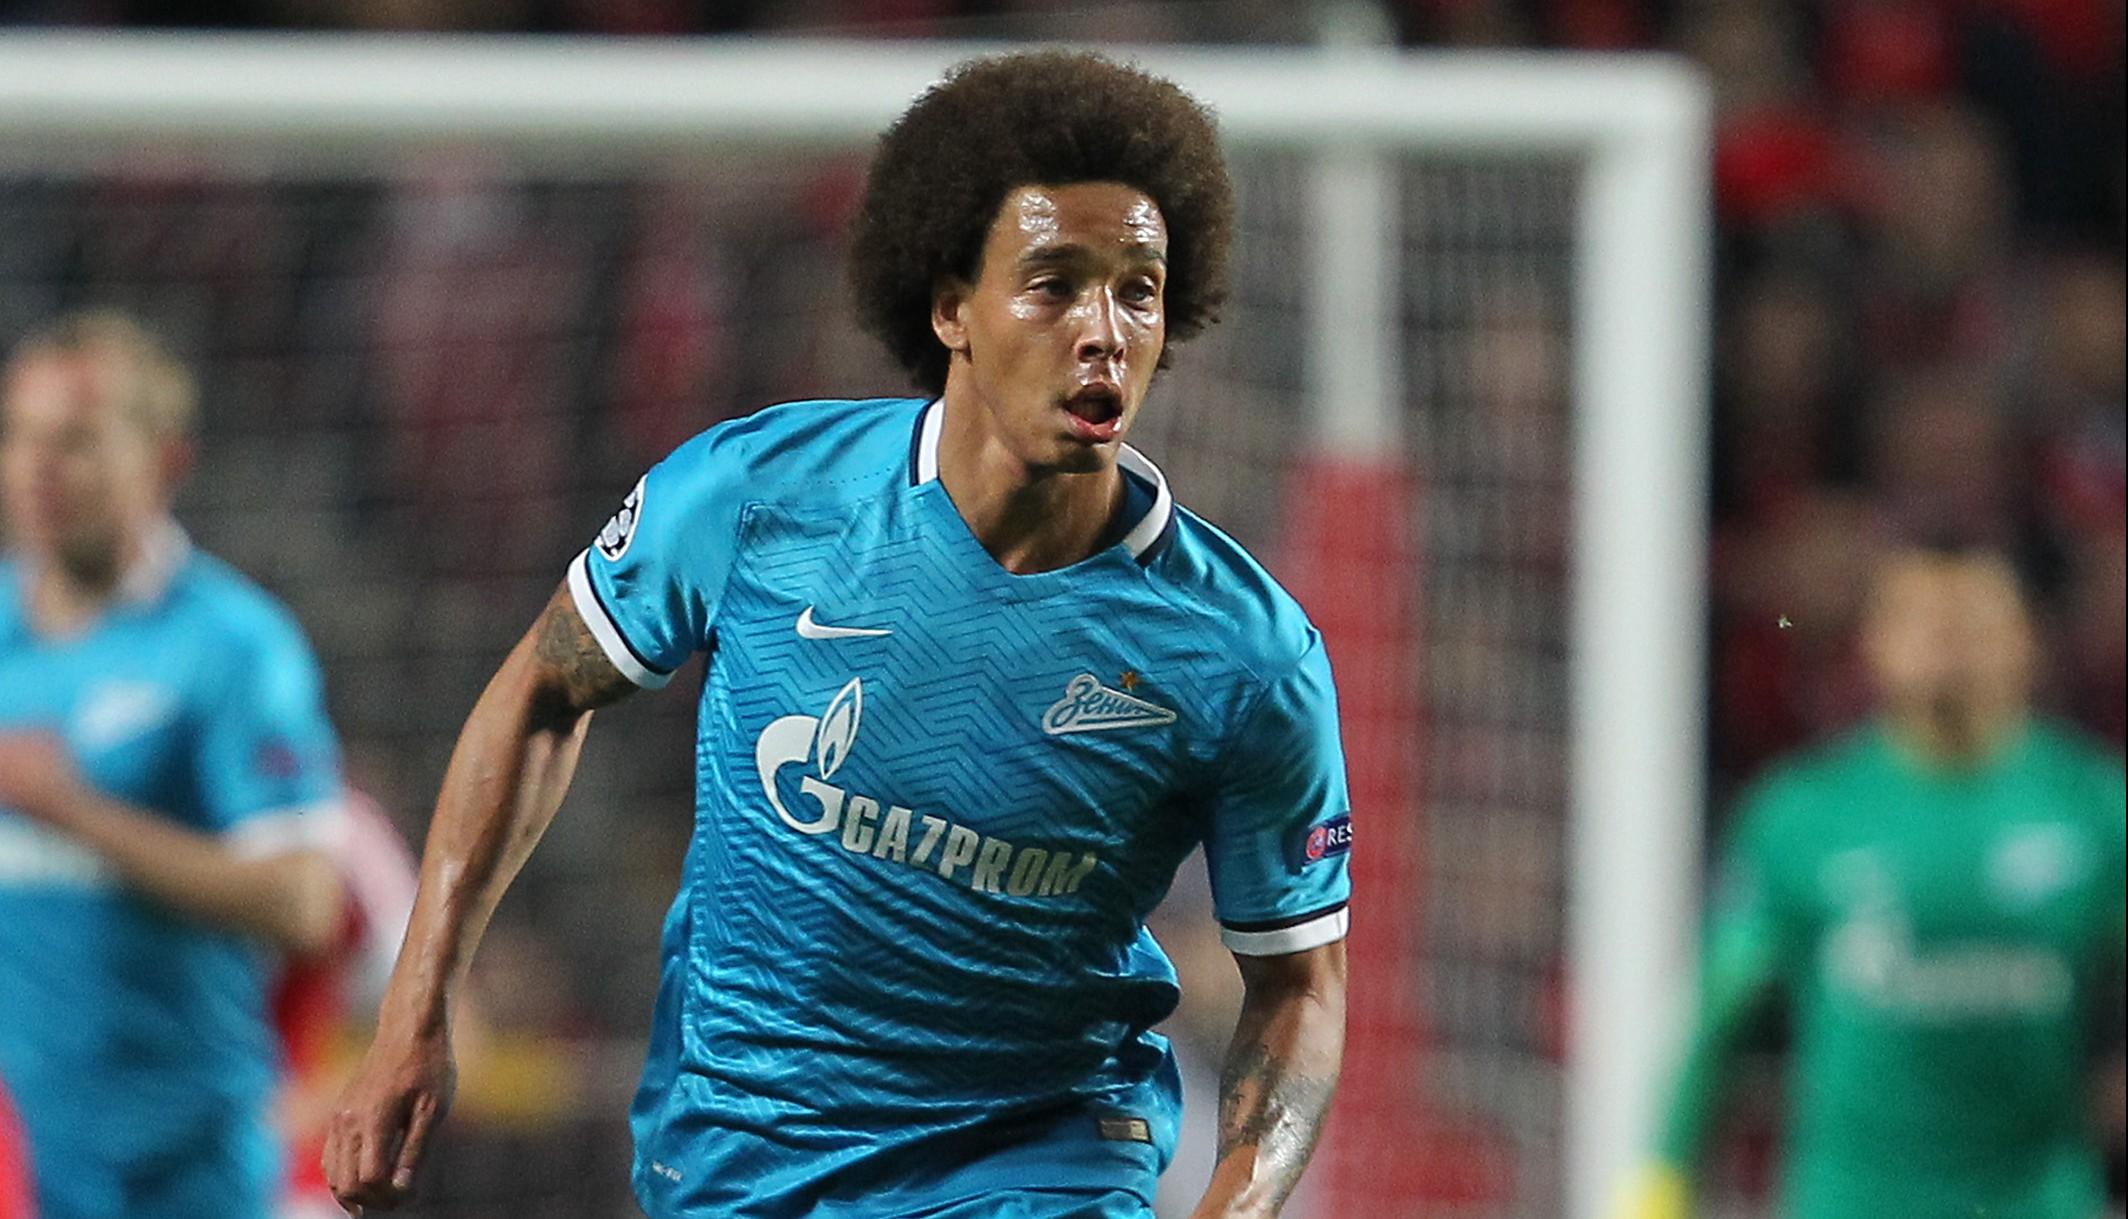 Tottenham considering £20m bid for Zenit St. Petersburg's Axel Witsel